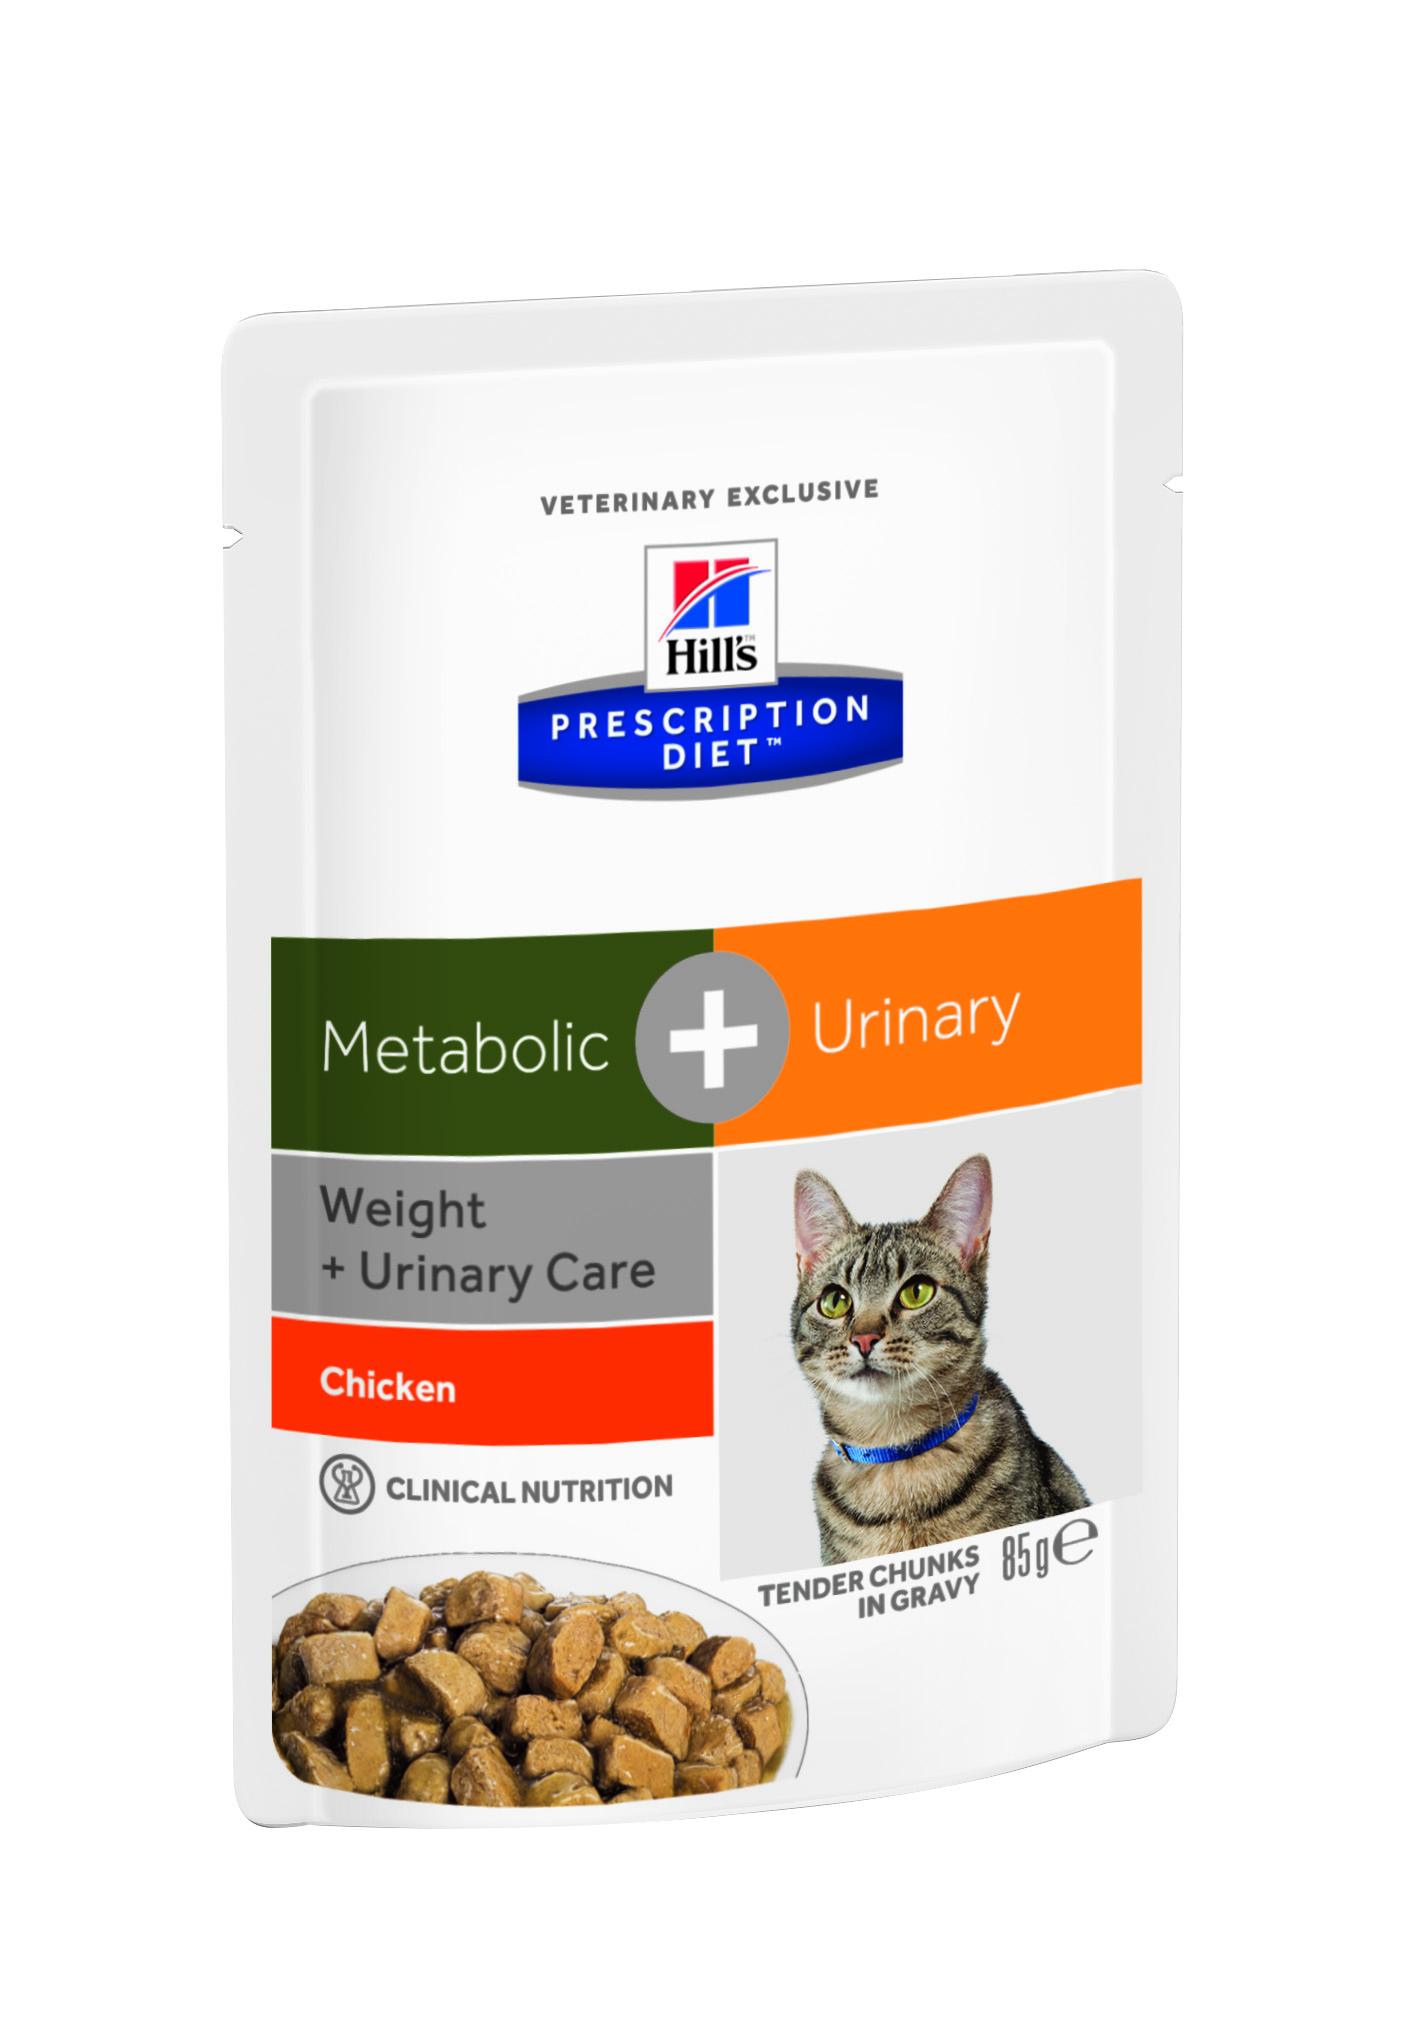 Консервы для кошек Hills Metabolic + Urinary, для коррекции веса при урологических заболеваниях, с курицей, 85 г10048Консервы Hills Metabolic + Urinary - полноценный диетический рацион с клинически доказанной способностью уменьшать вероятность повторного проявления основных признаков заболеваний нижнего отдела мочевыводящих путей, и снижать вес на 11% за 60 дней. Ключевые преимущества - Комплекс нутриентов c клинически доказанной эффективностью в рационе Metabolic + Urinary учитывает индивидуальные энергетические потребности кошки, оптимизируя процесс сжигания жиров и влияя на эффективное использование калорий -Позволяет избежать повторного набора веса после прохождения программы по снижению веса - Клинически доказано: эффективно растворяет струвиты - Помогает вашей кошке оставаться сытой и удовлетворенной между кормлениями - Превосходный вкус, который понравится любой кошке. Рационы Hills Prescription Diet клинически протестированы, разработаны для поддержания и коррекции состояния у животных, имеющих проблемы со здоровьем при сохранении...